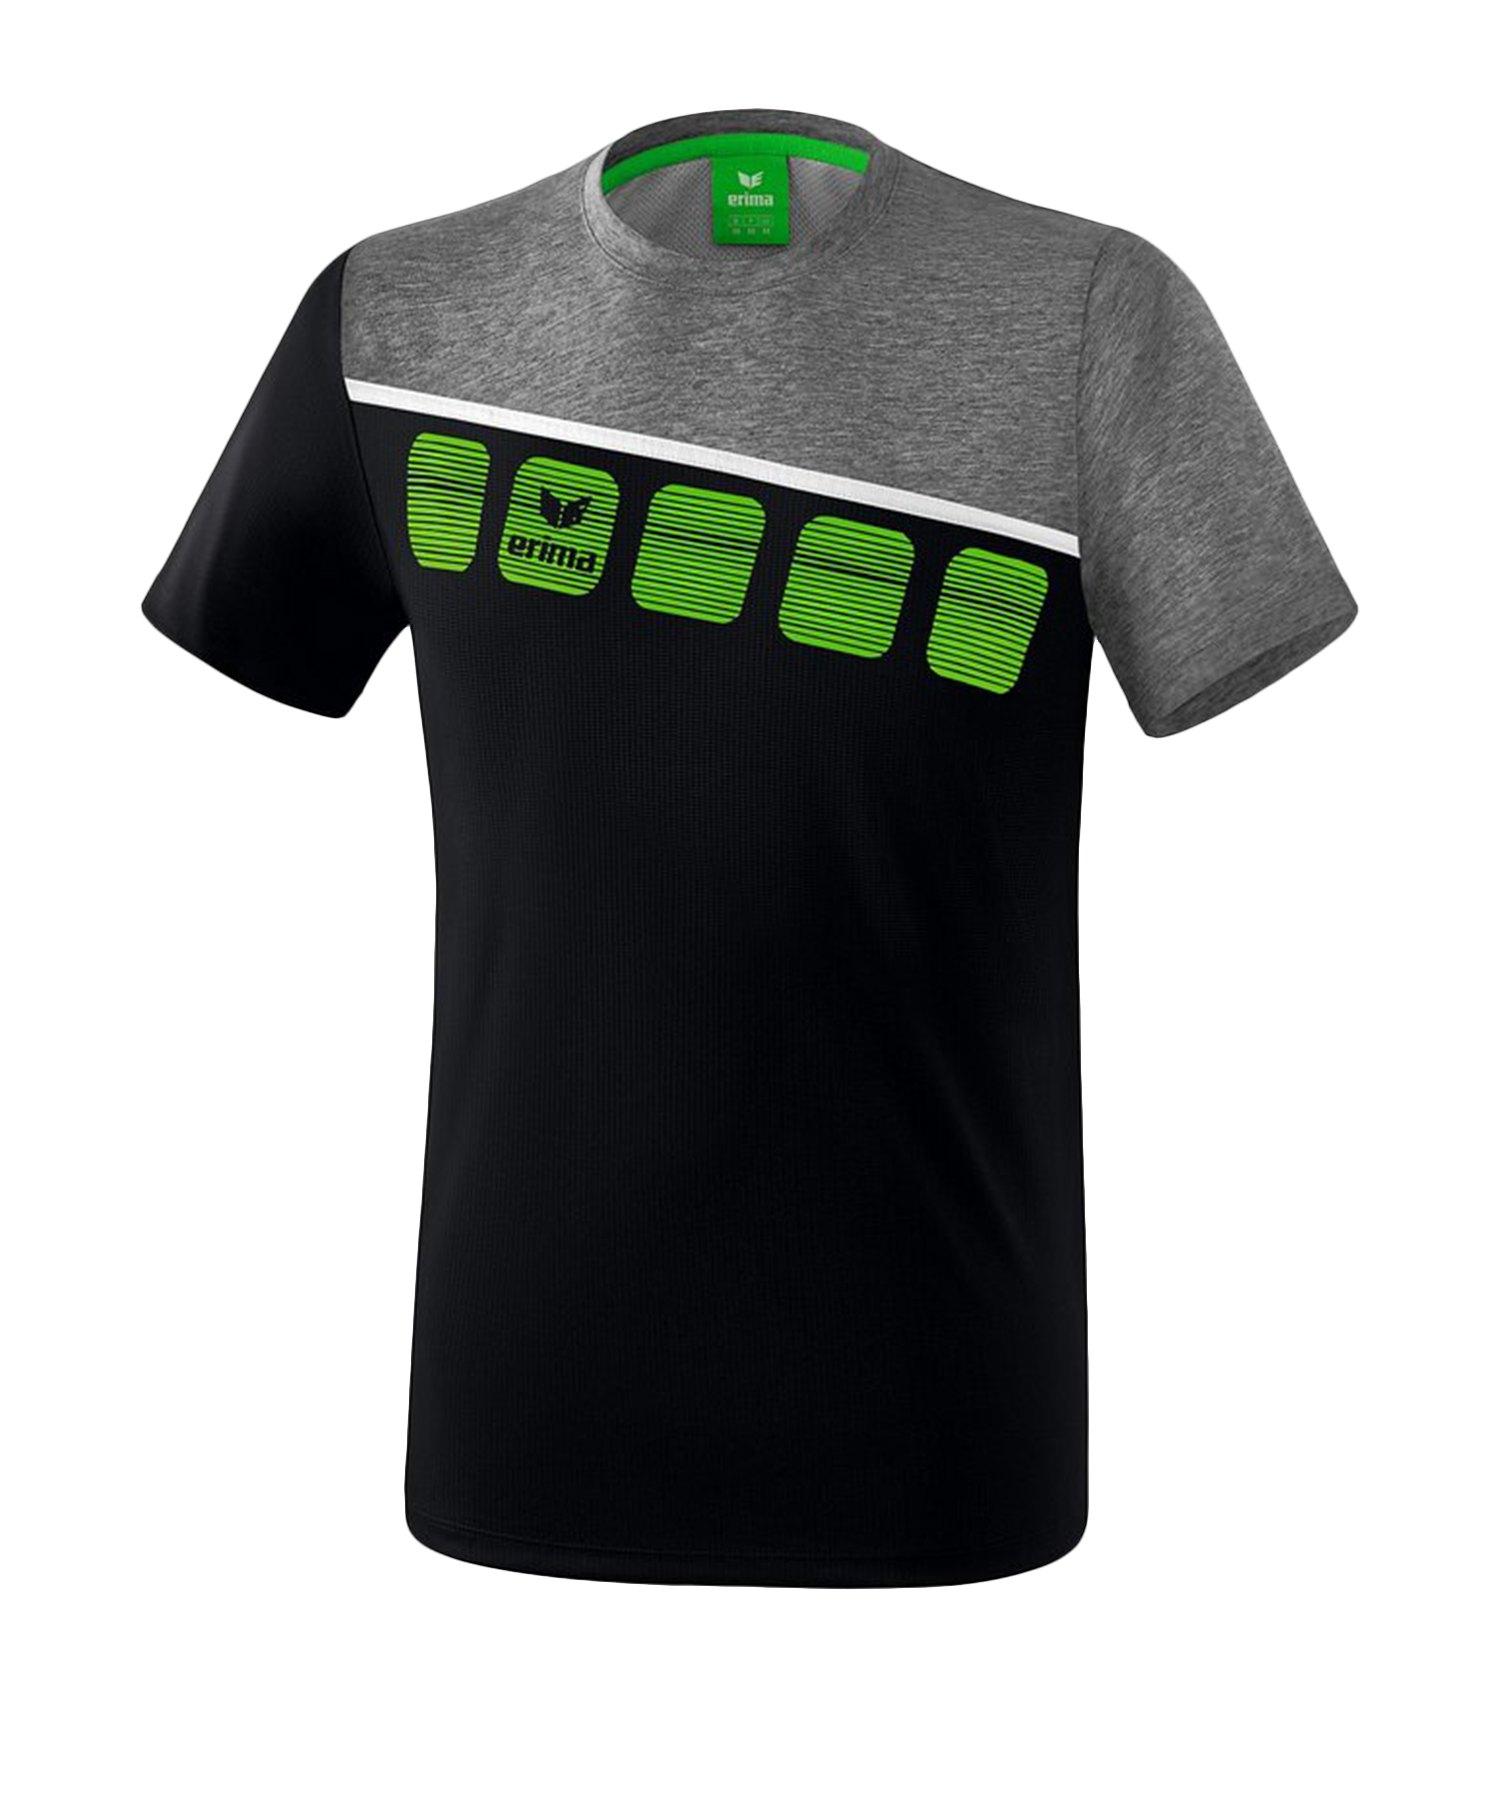 Erima 5-C T-Shirt Schwarz Grau - Schwarz